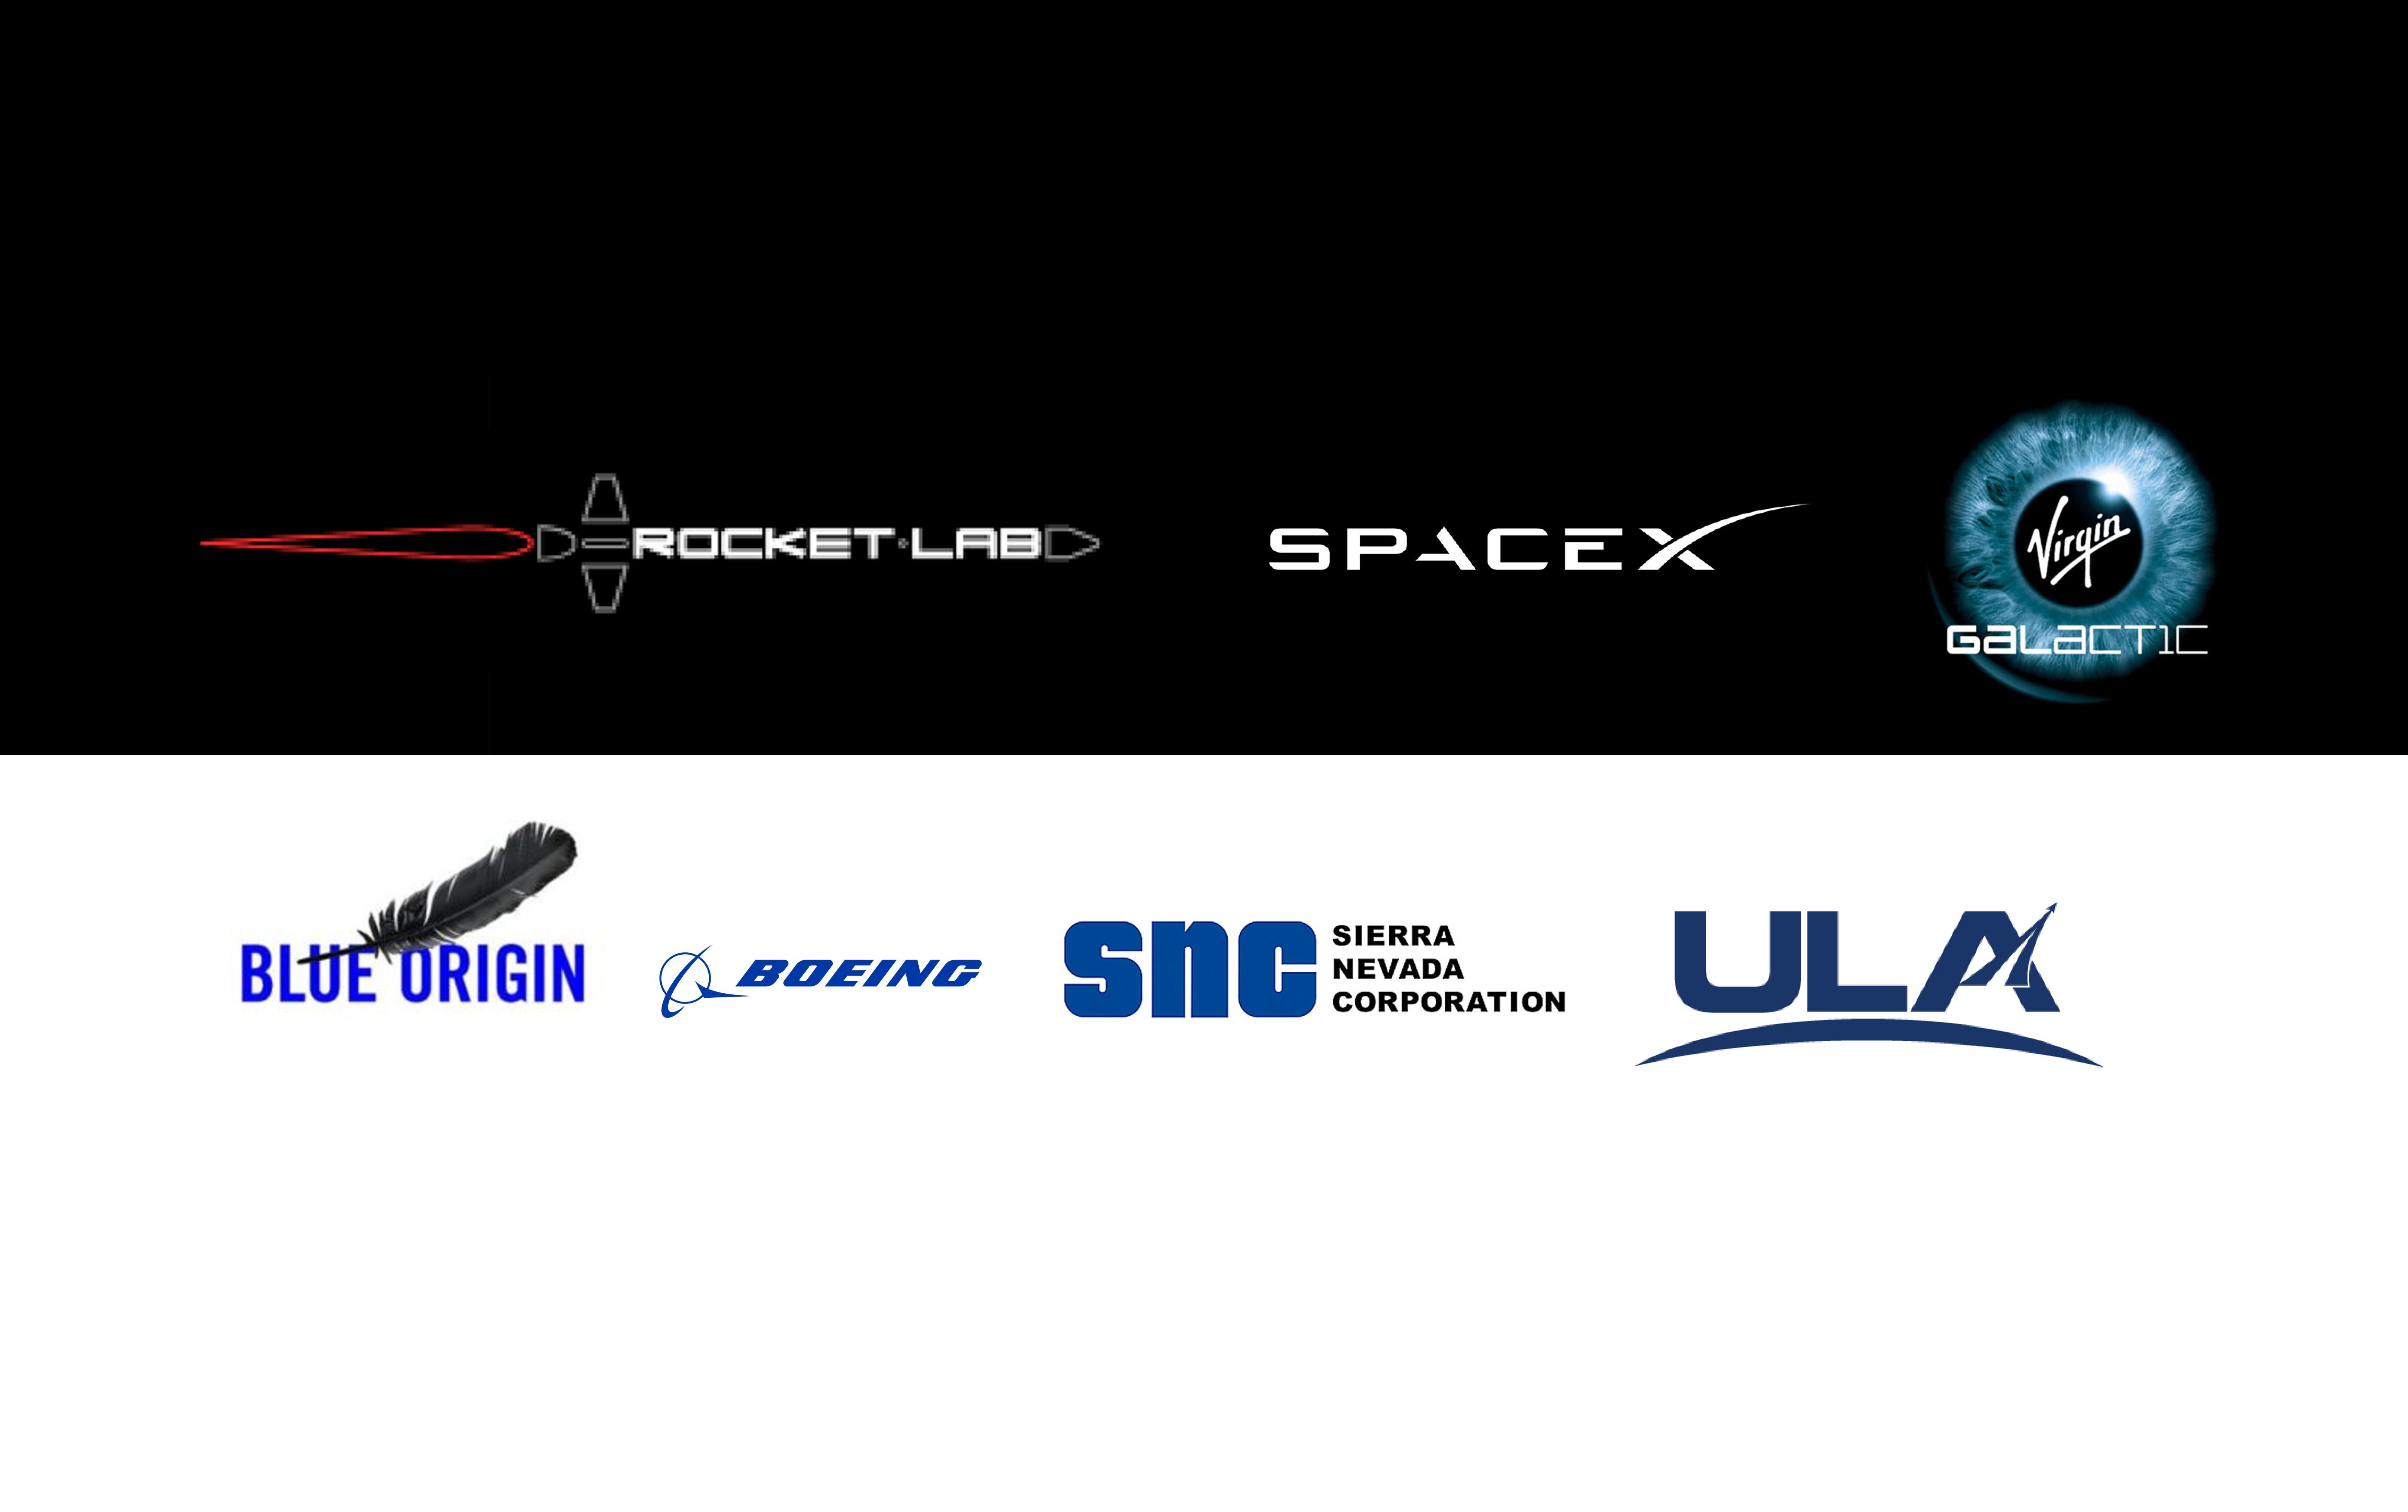 Les lanceurs réutilisables américains au 1er mars 2021